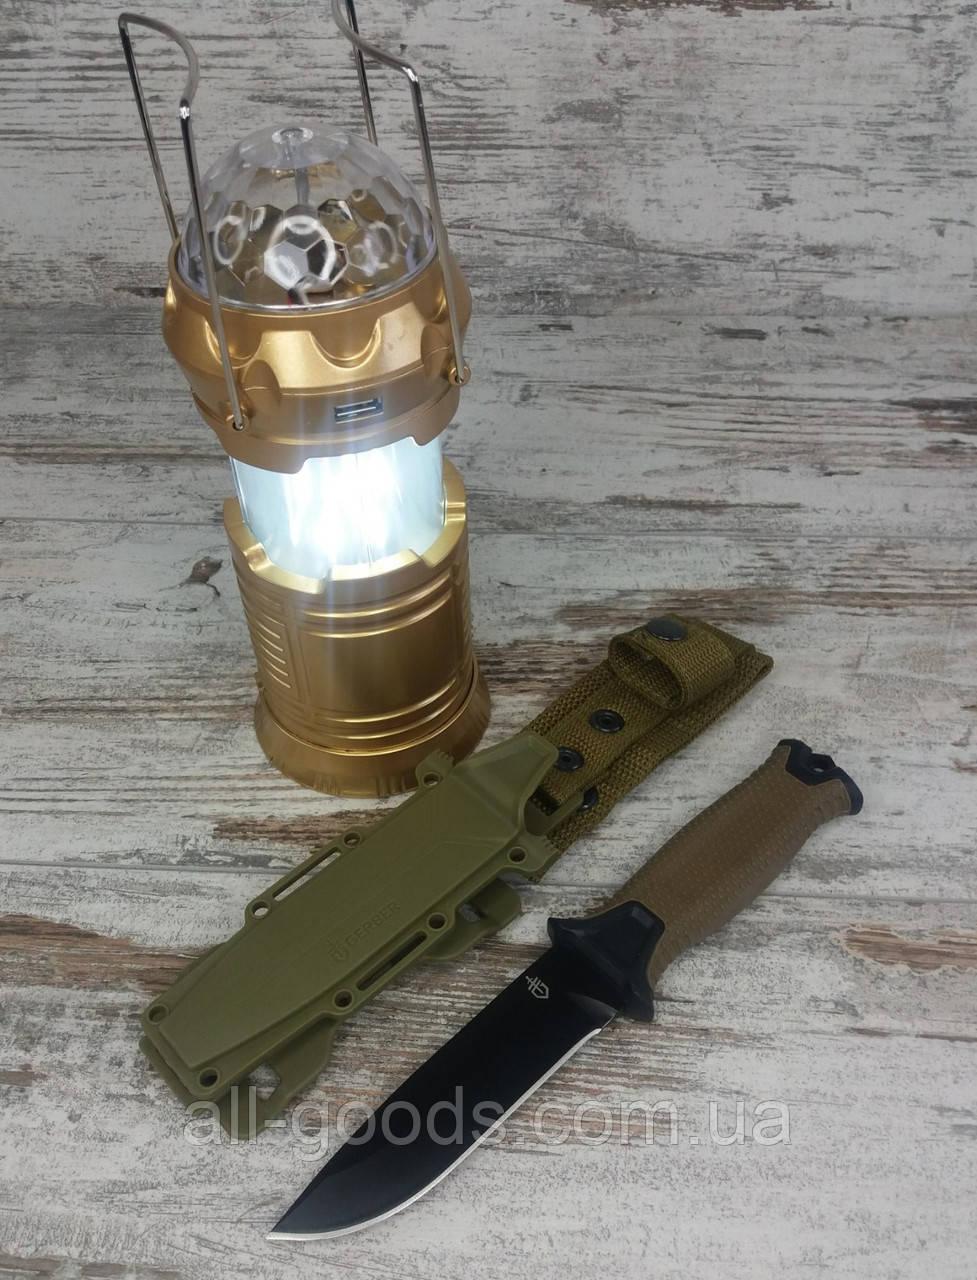 Охотничий нож Gerber АК-207 в комплекте с LED лампой с эффектом огня и дискошаром SX-6888T